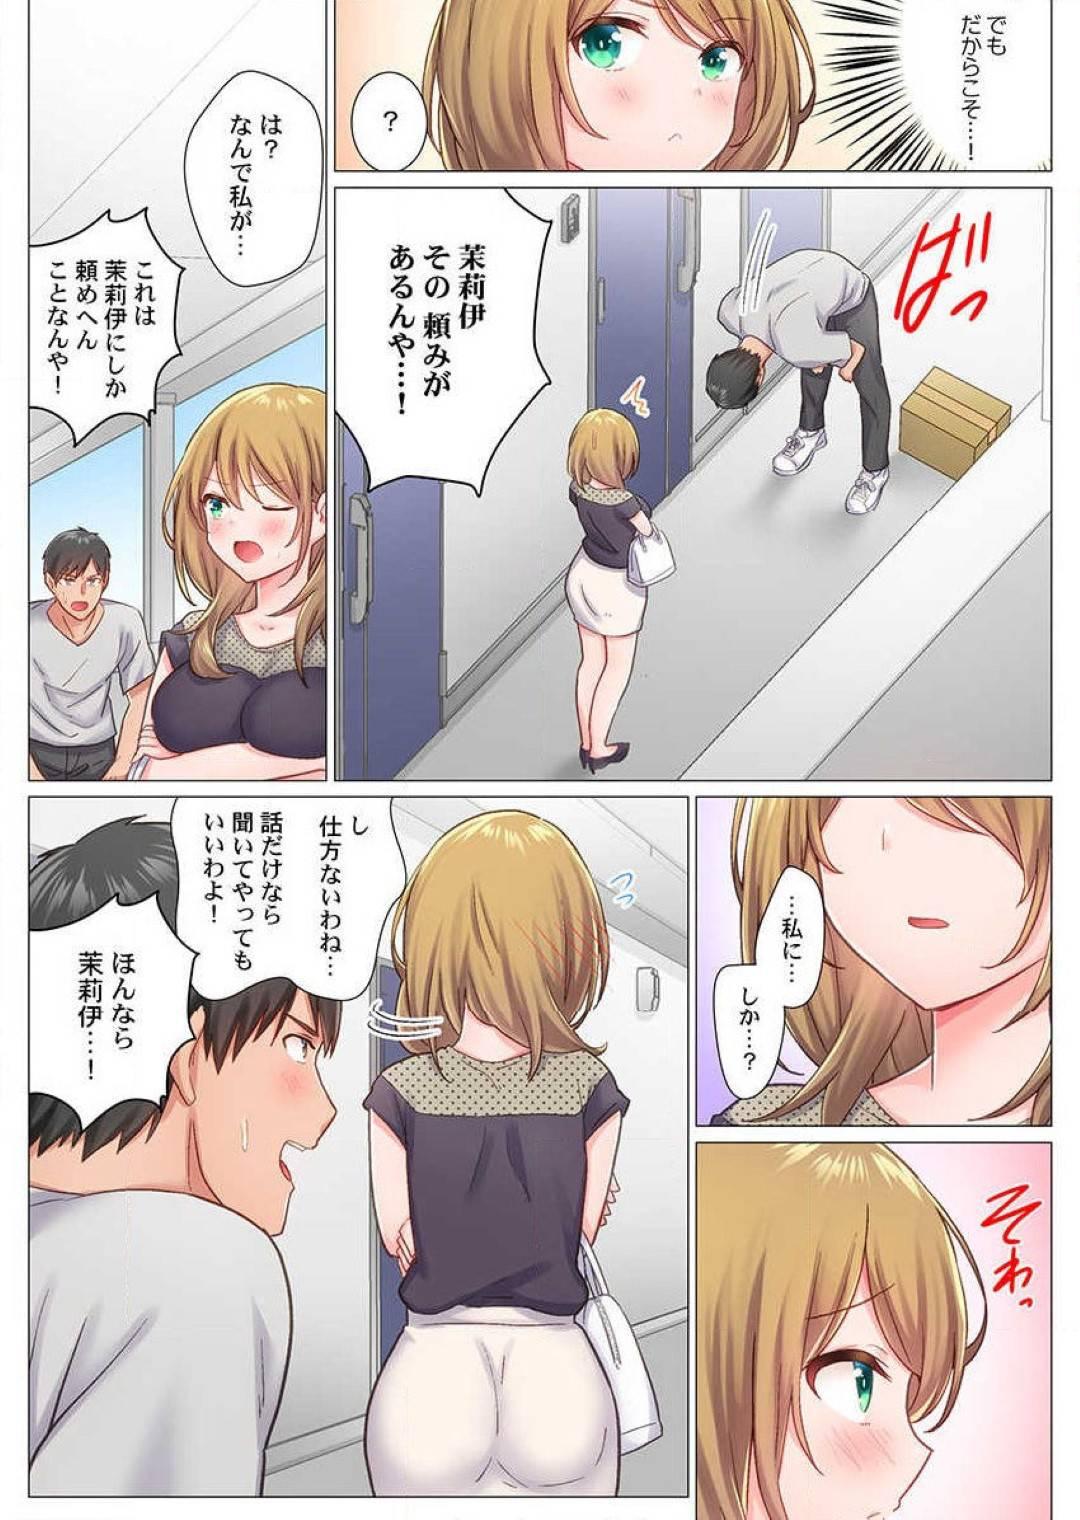 【エロ漫画】モテモテだけど童貞の野球部のエースにセックスを教えてくれと頼まれてキスだけならとOKした金髪美人のお姉さん…夢中でしゃぶりつくと、いつもは強気な茉莉伊がトロトロに火照って…こんなん、キスだけじゃ終われへん…!【七草天音:田舎球児が東京でセックス無双するためには 第1話】